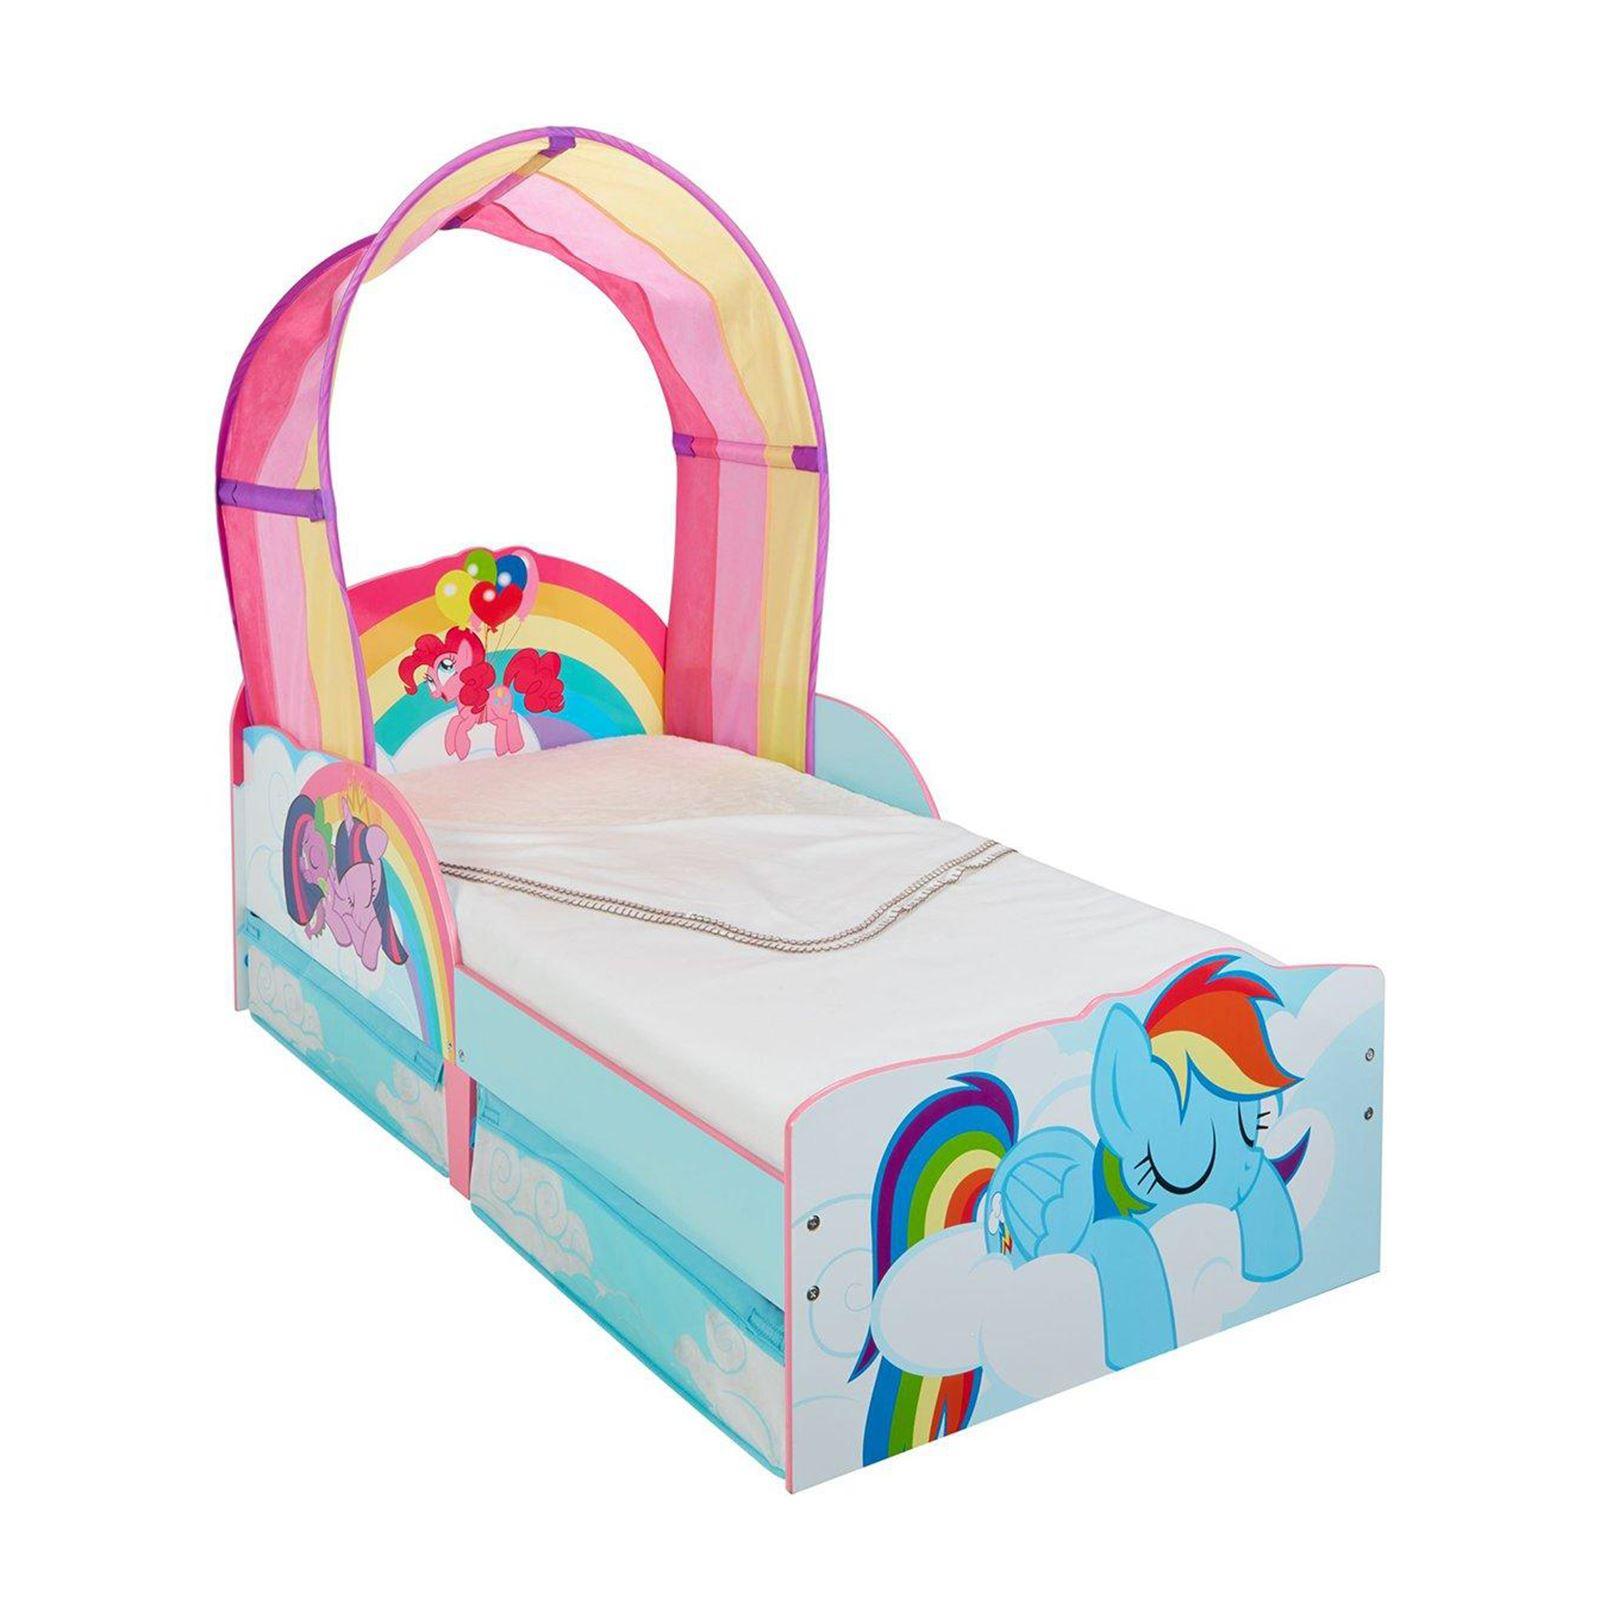 my little pony kleinkind bett mit lager entfernbarer regenbogen baldachin ebay. Black Bedroom Furniture Sets. Home Design Ideas